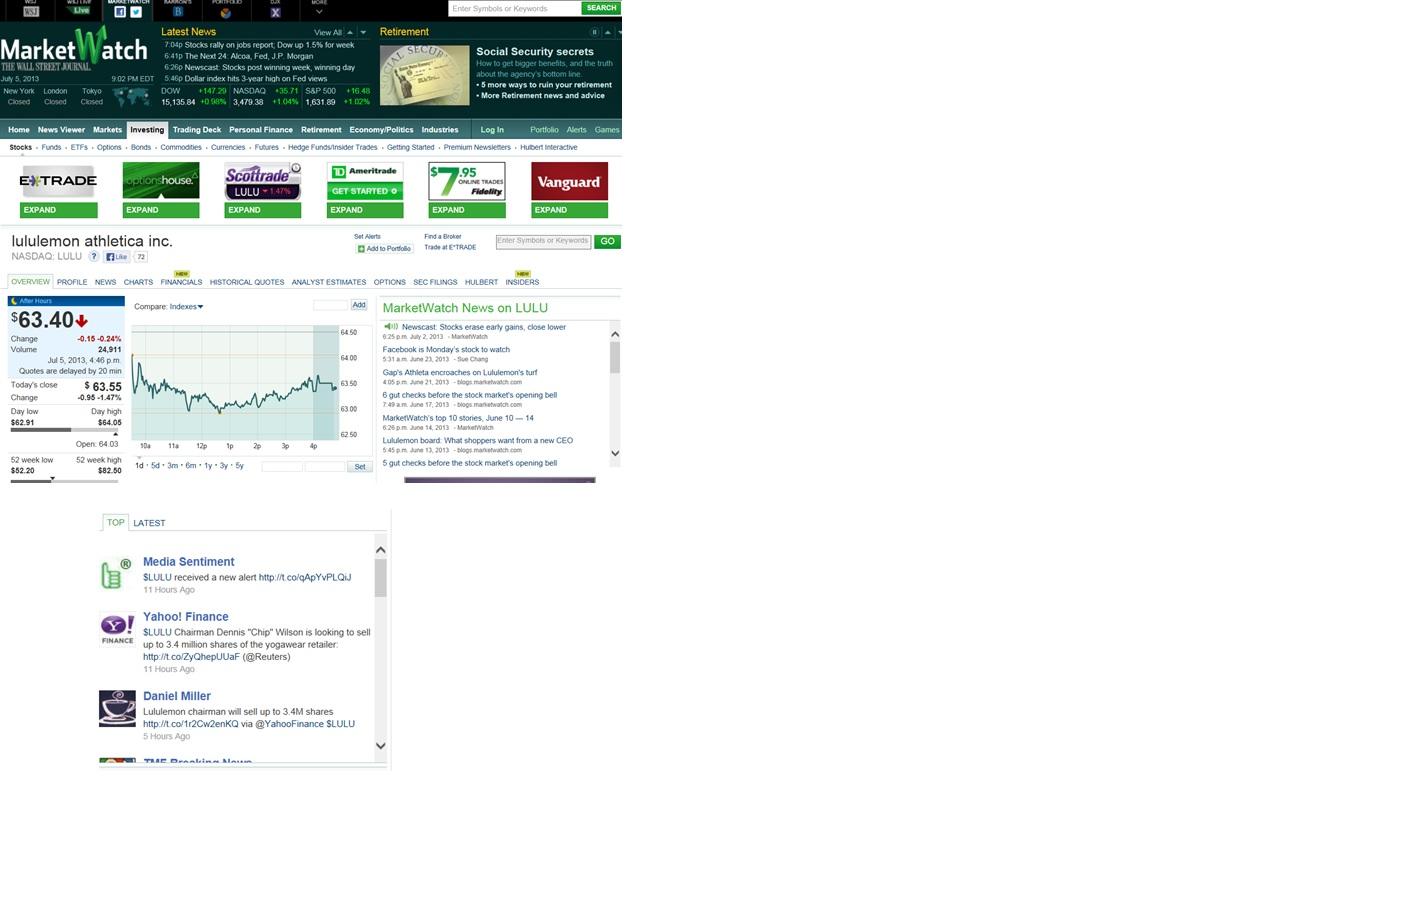 Capture_alerts_on_marketwatch_7-5-13.jpg